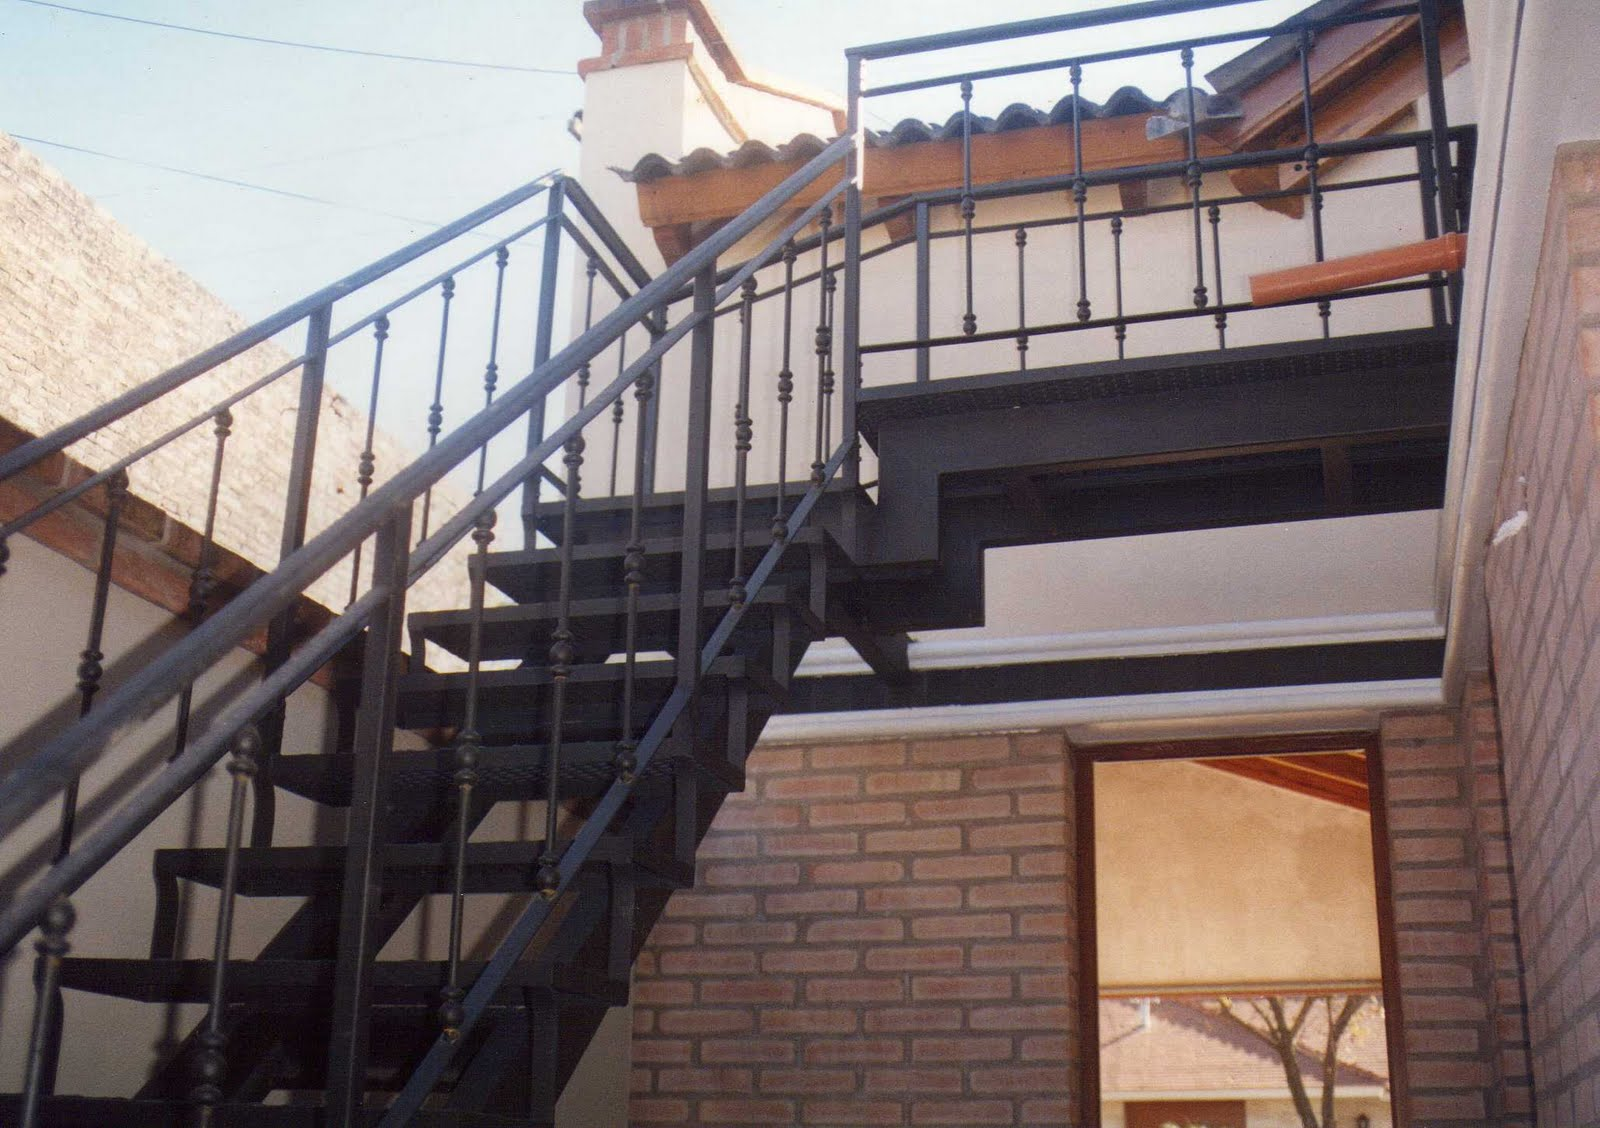 Fabrica de escaleras de hierro forjado ceroli escaleras for Escaleras de fierro para casa